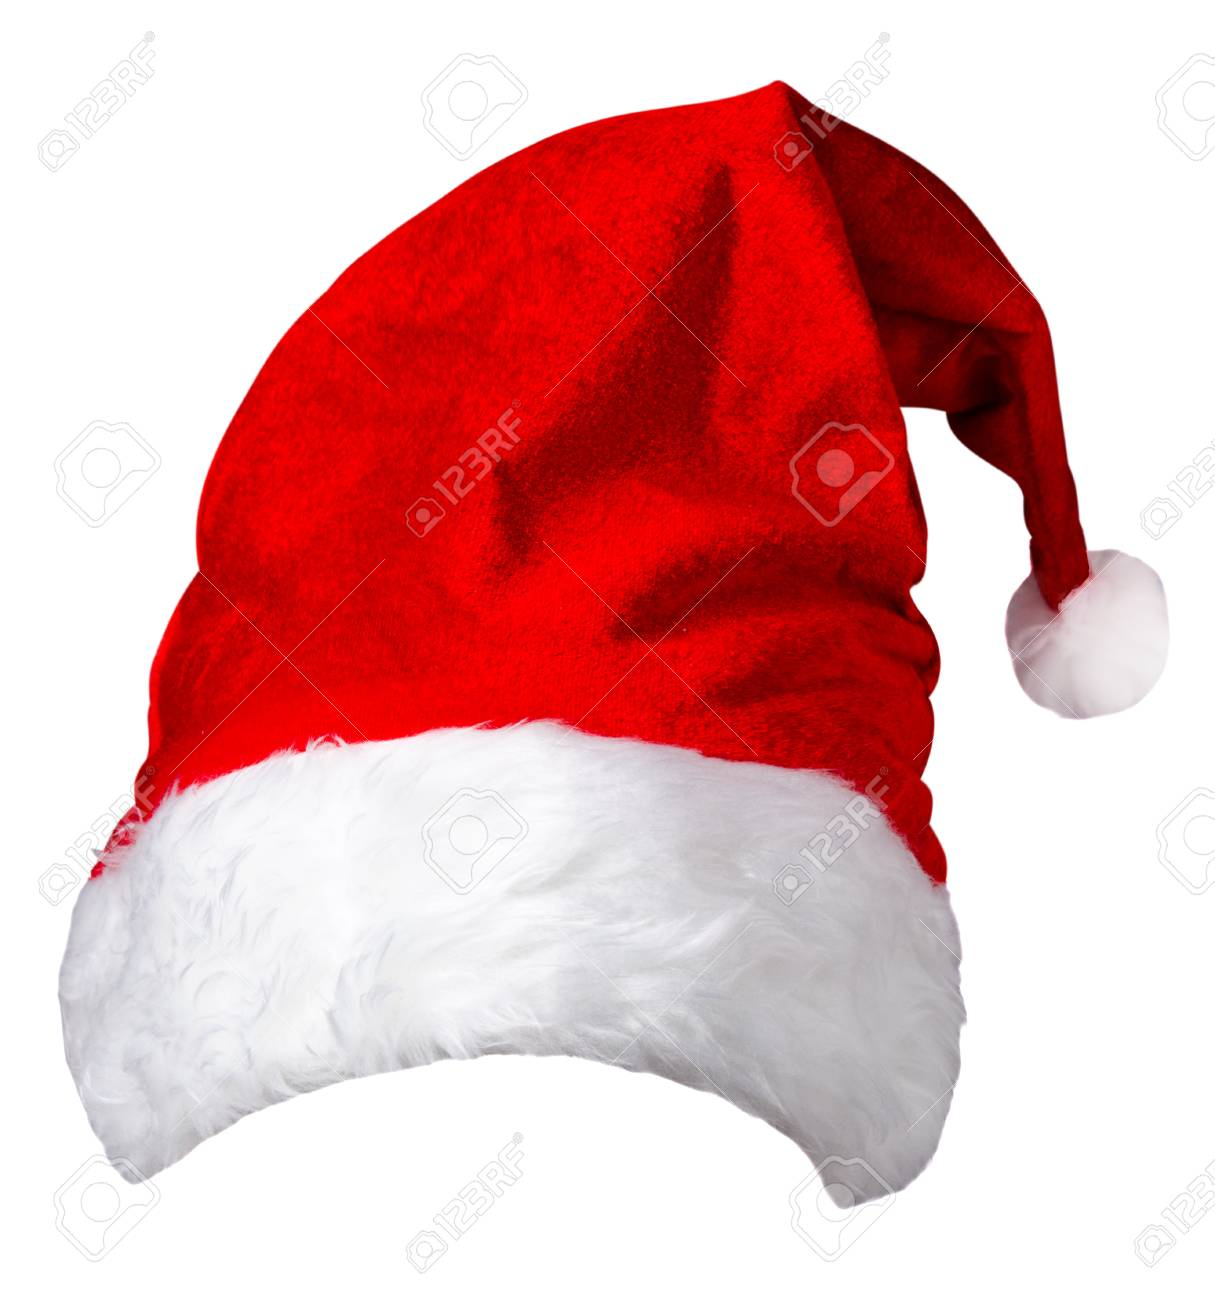 Foto de archivo gorro de santa claus aislado sobre fondo blanco sombrero  rojo de papá noel 2802efb6638